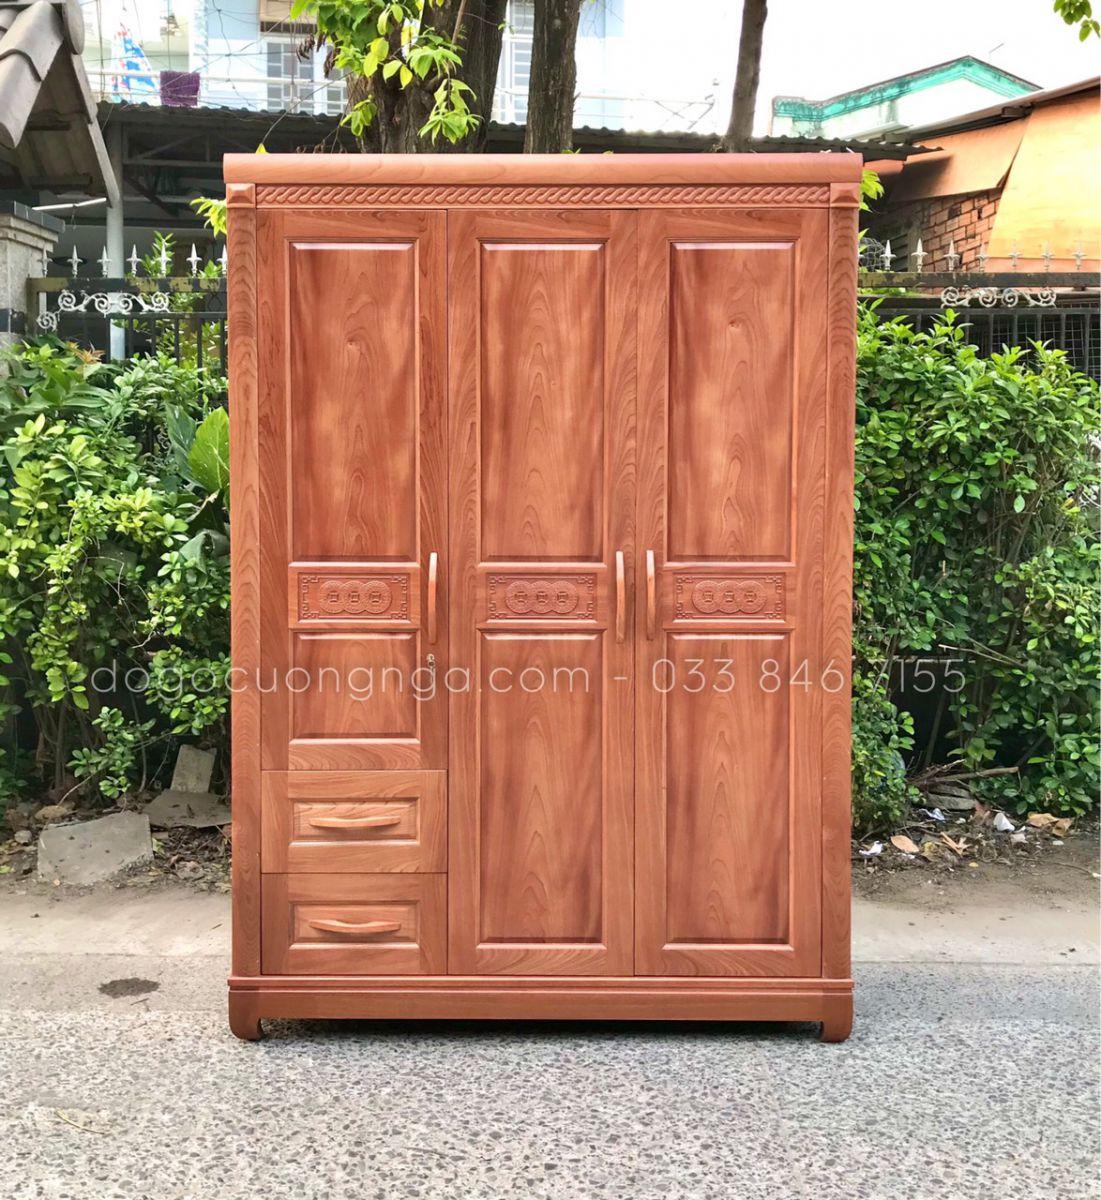 Tủ áo gỗ xoan đào 3 cánh mẫu đồng tiền (Ảnh 1)